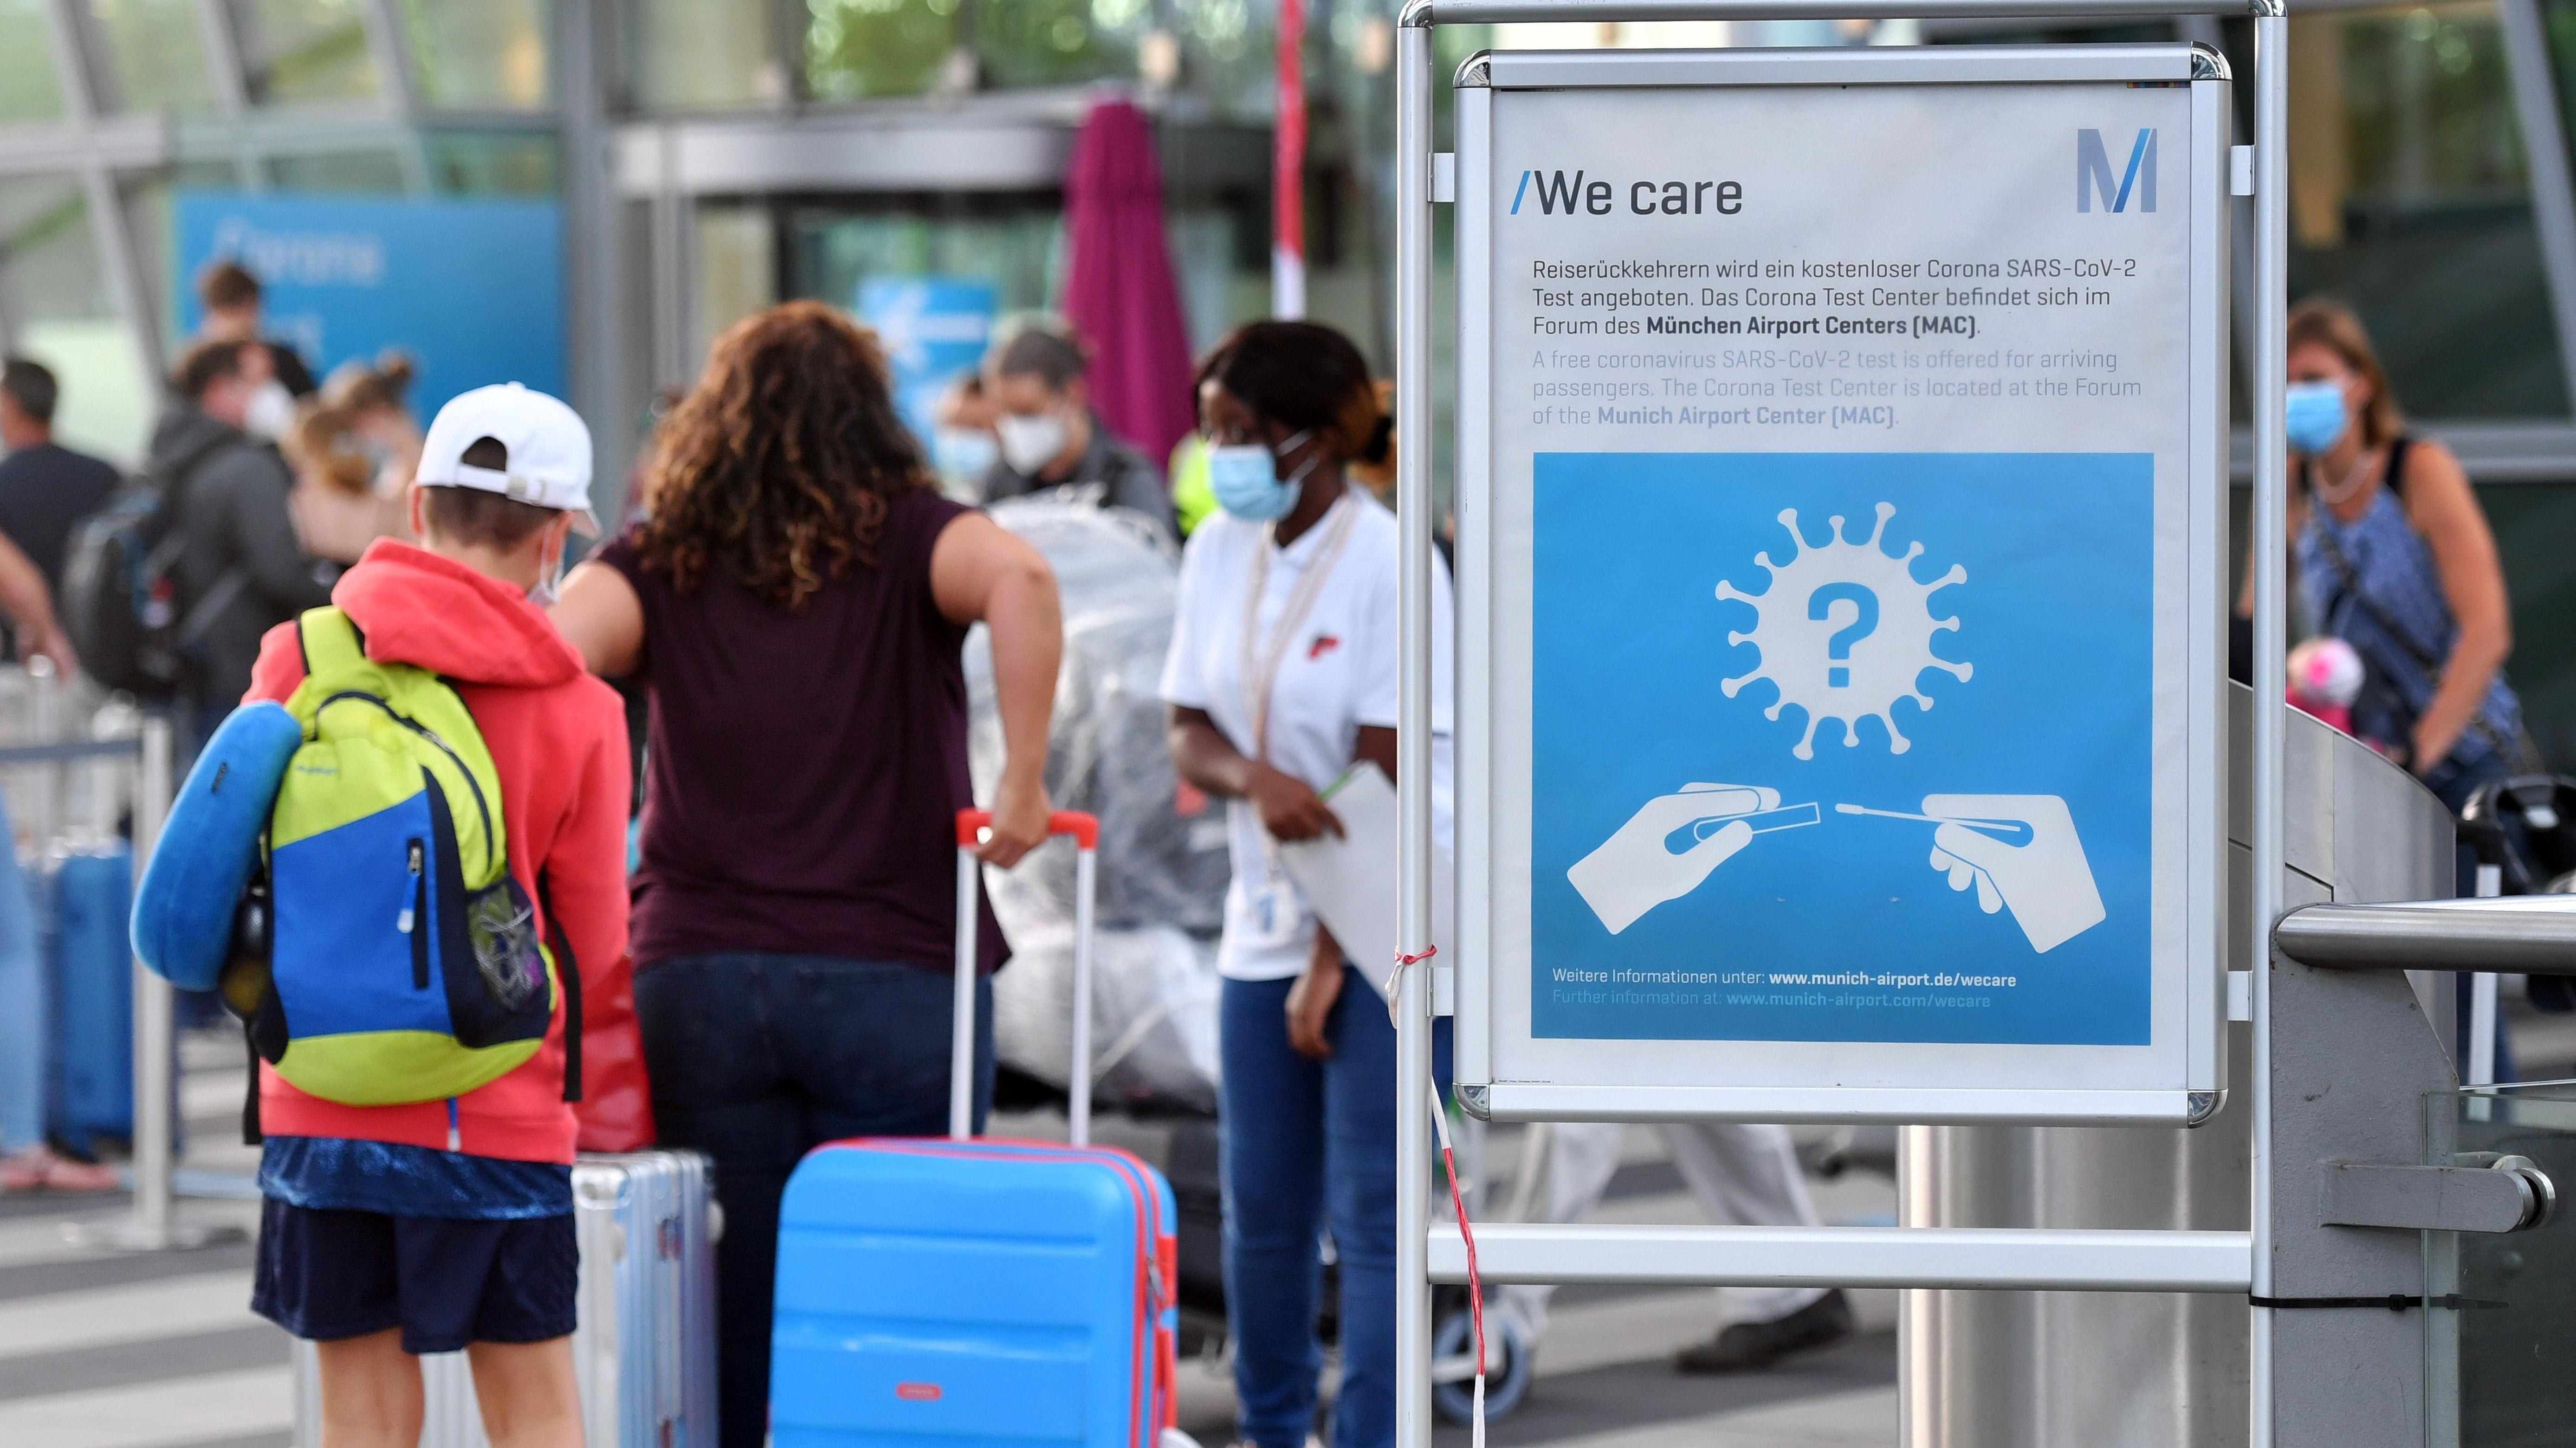 Probelauf mit Corona Schnelltests startet am Flughafen München   BR20